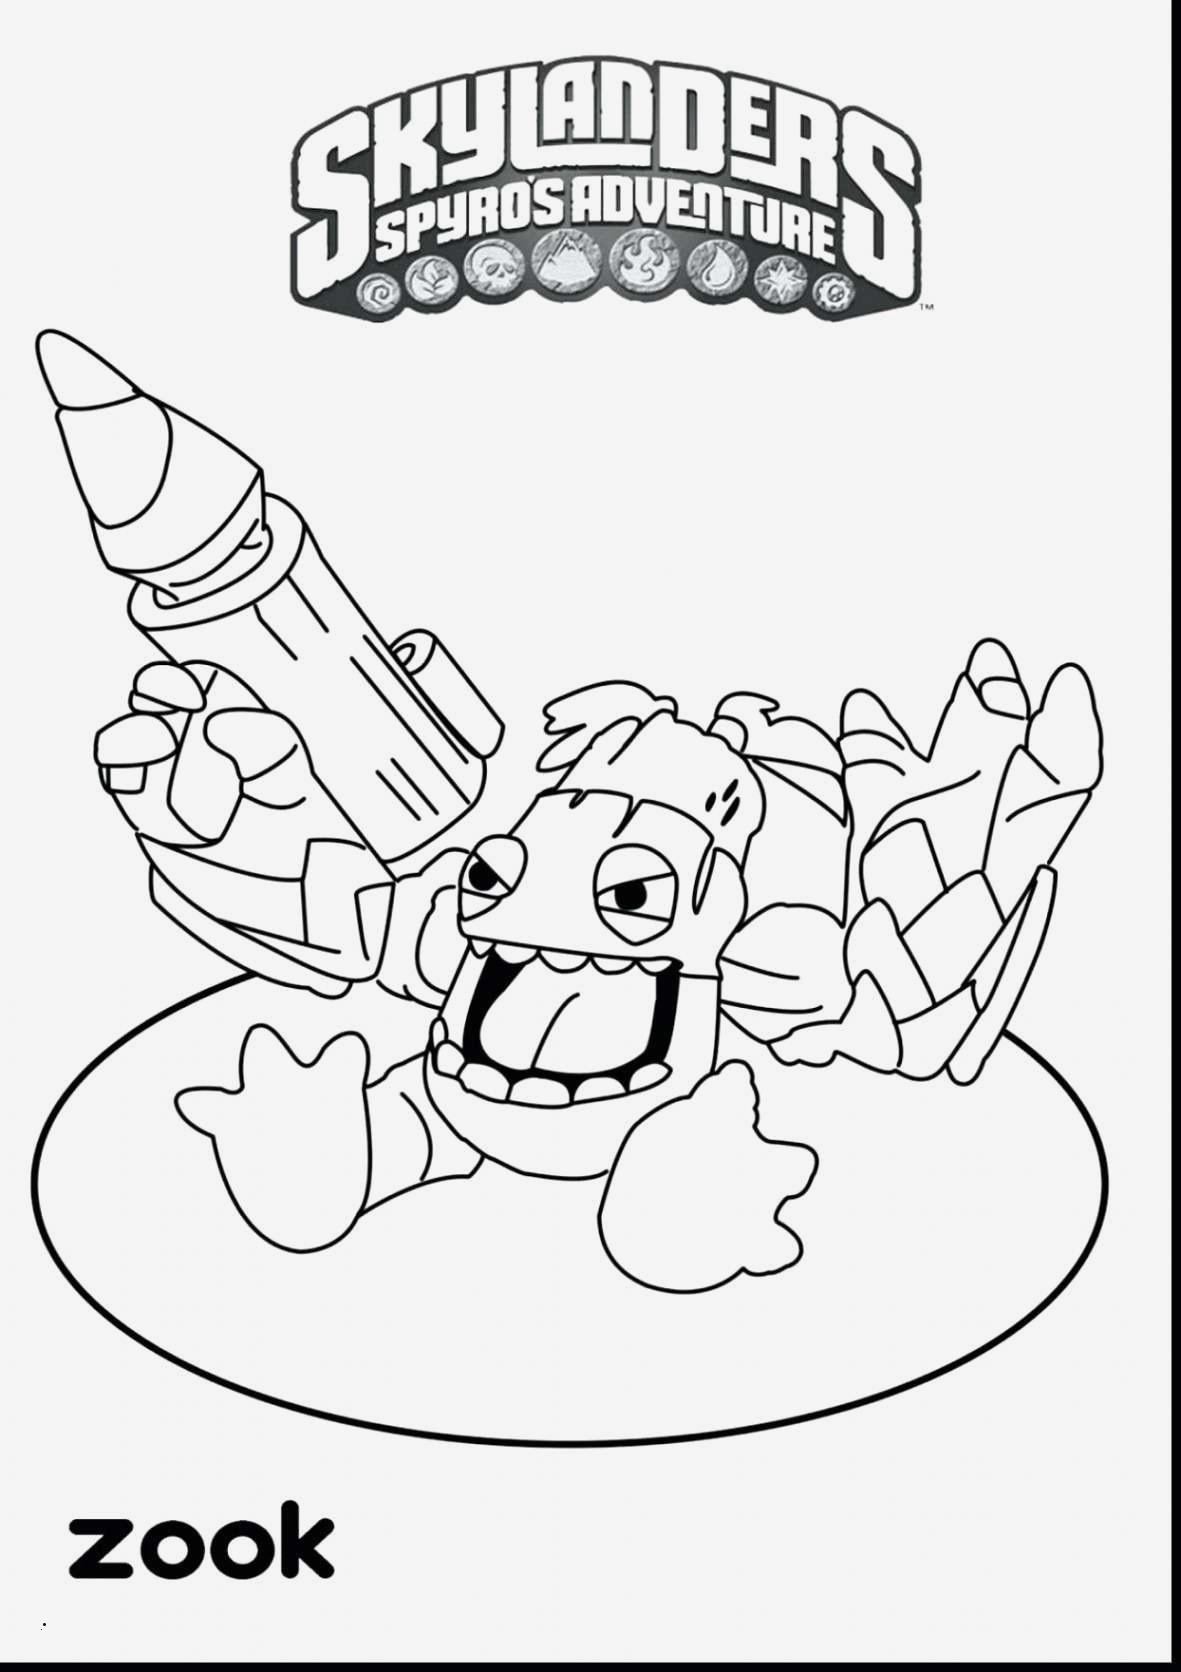 T Rex Malvorlage Frisch 48 Skizze Pokemon Ausmalbilder Zum Drucken Treehouse Nyc Das Bild